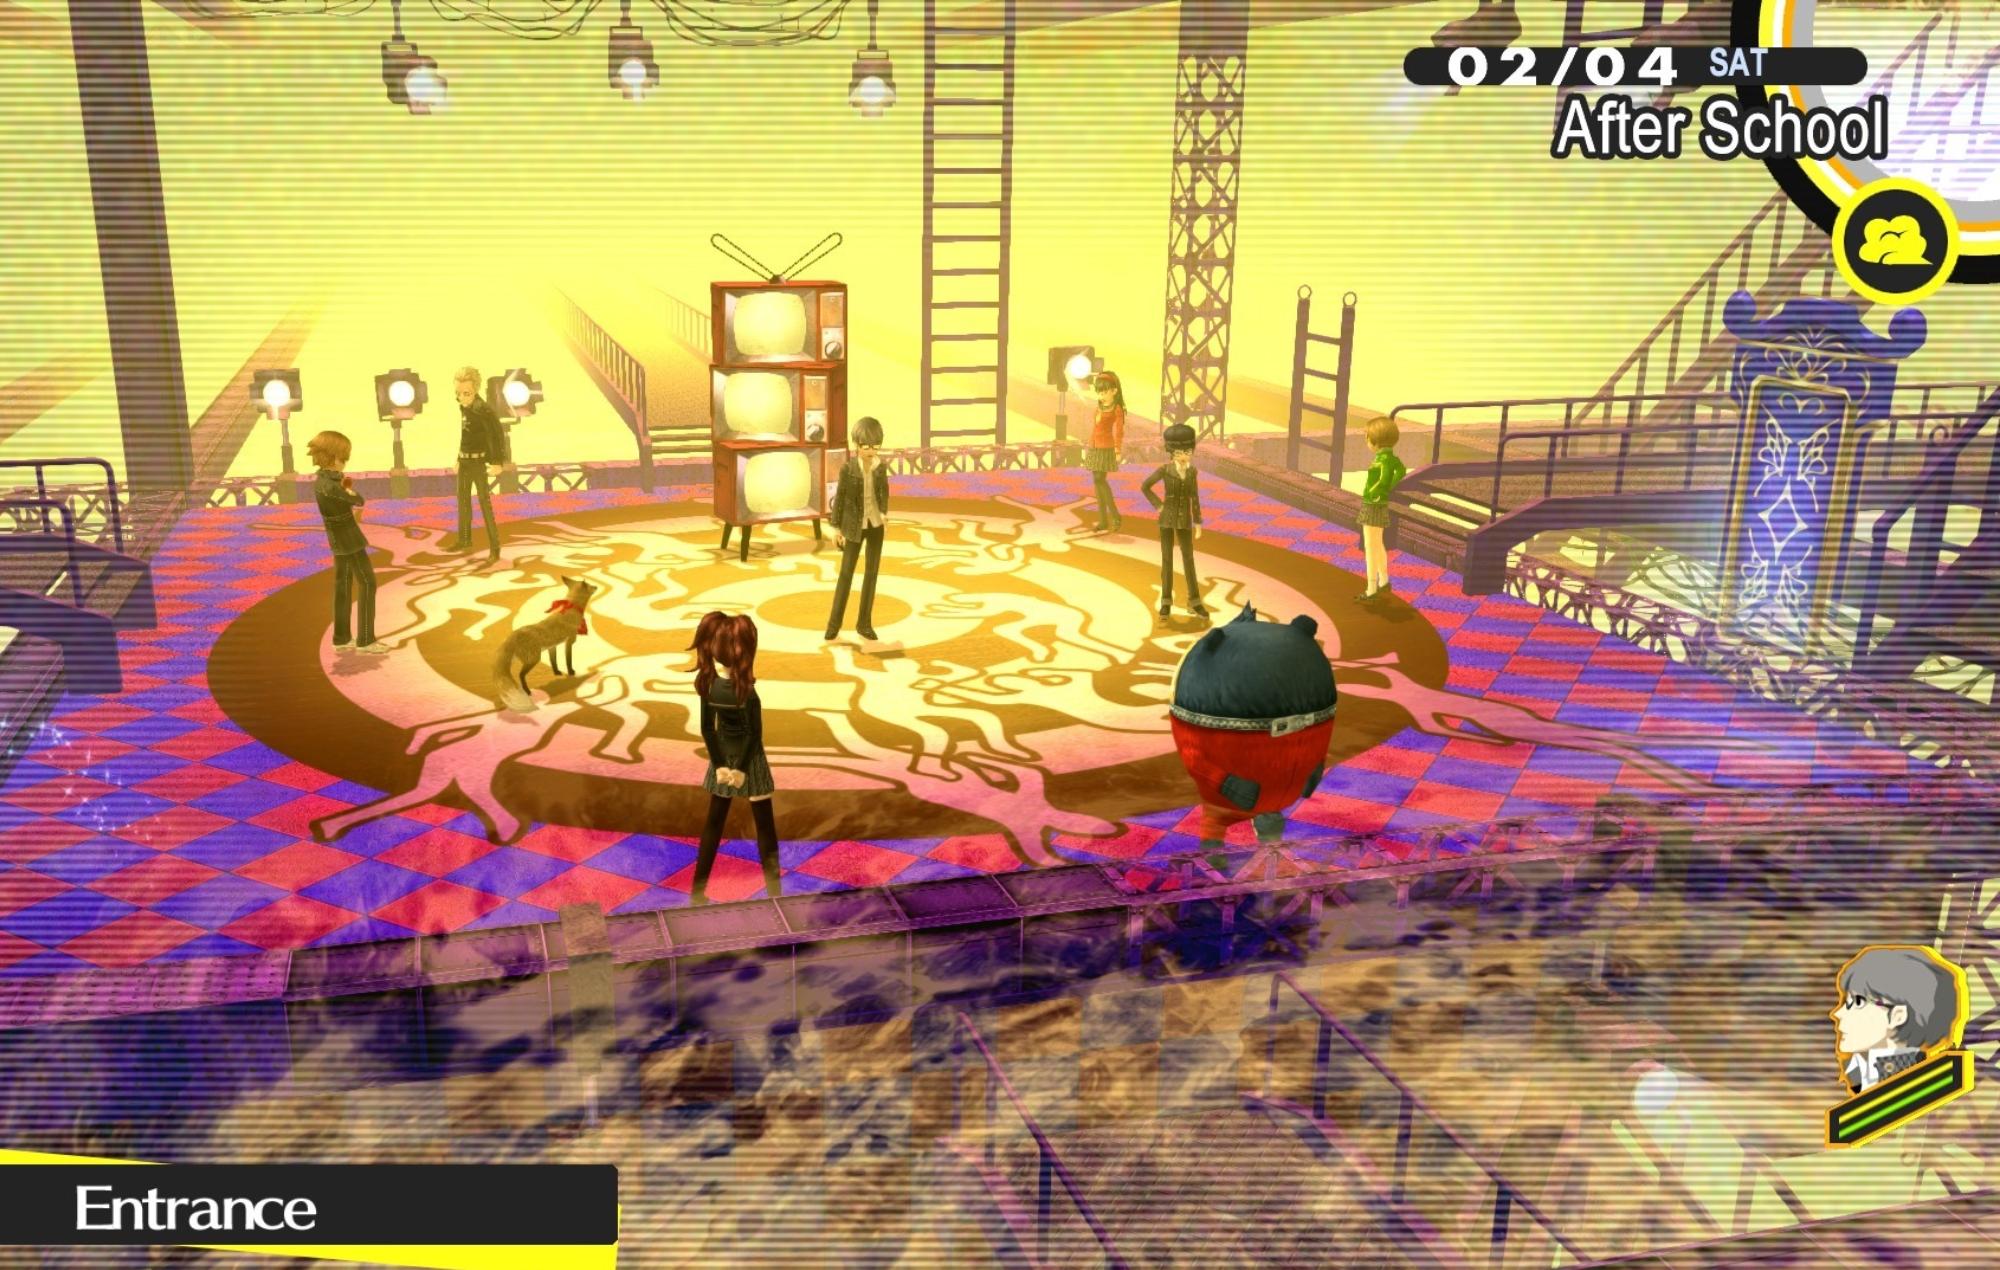 Shin Megami Tensei spinoff Persona 4 Golden